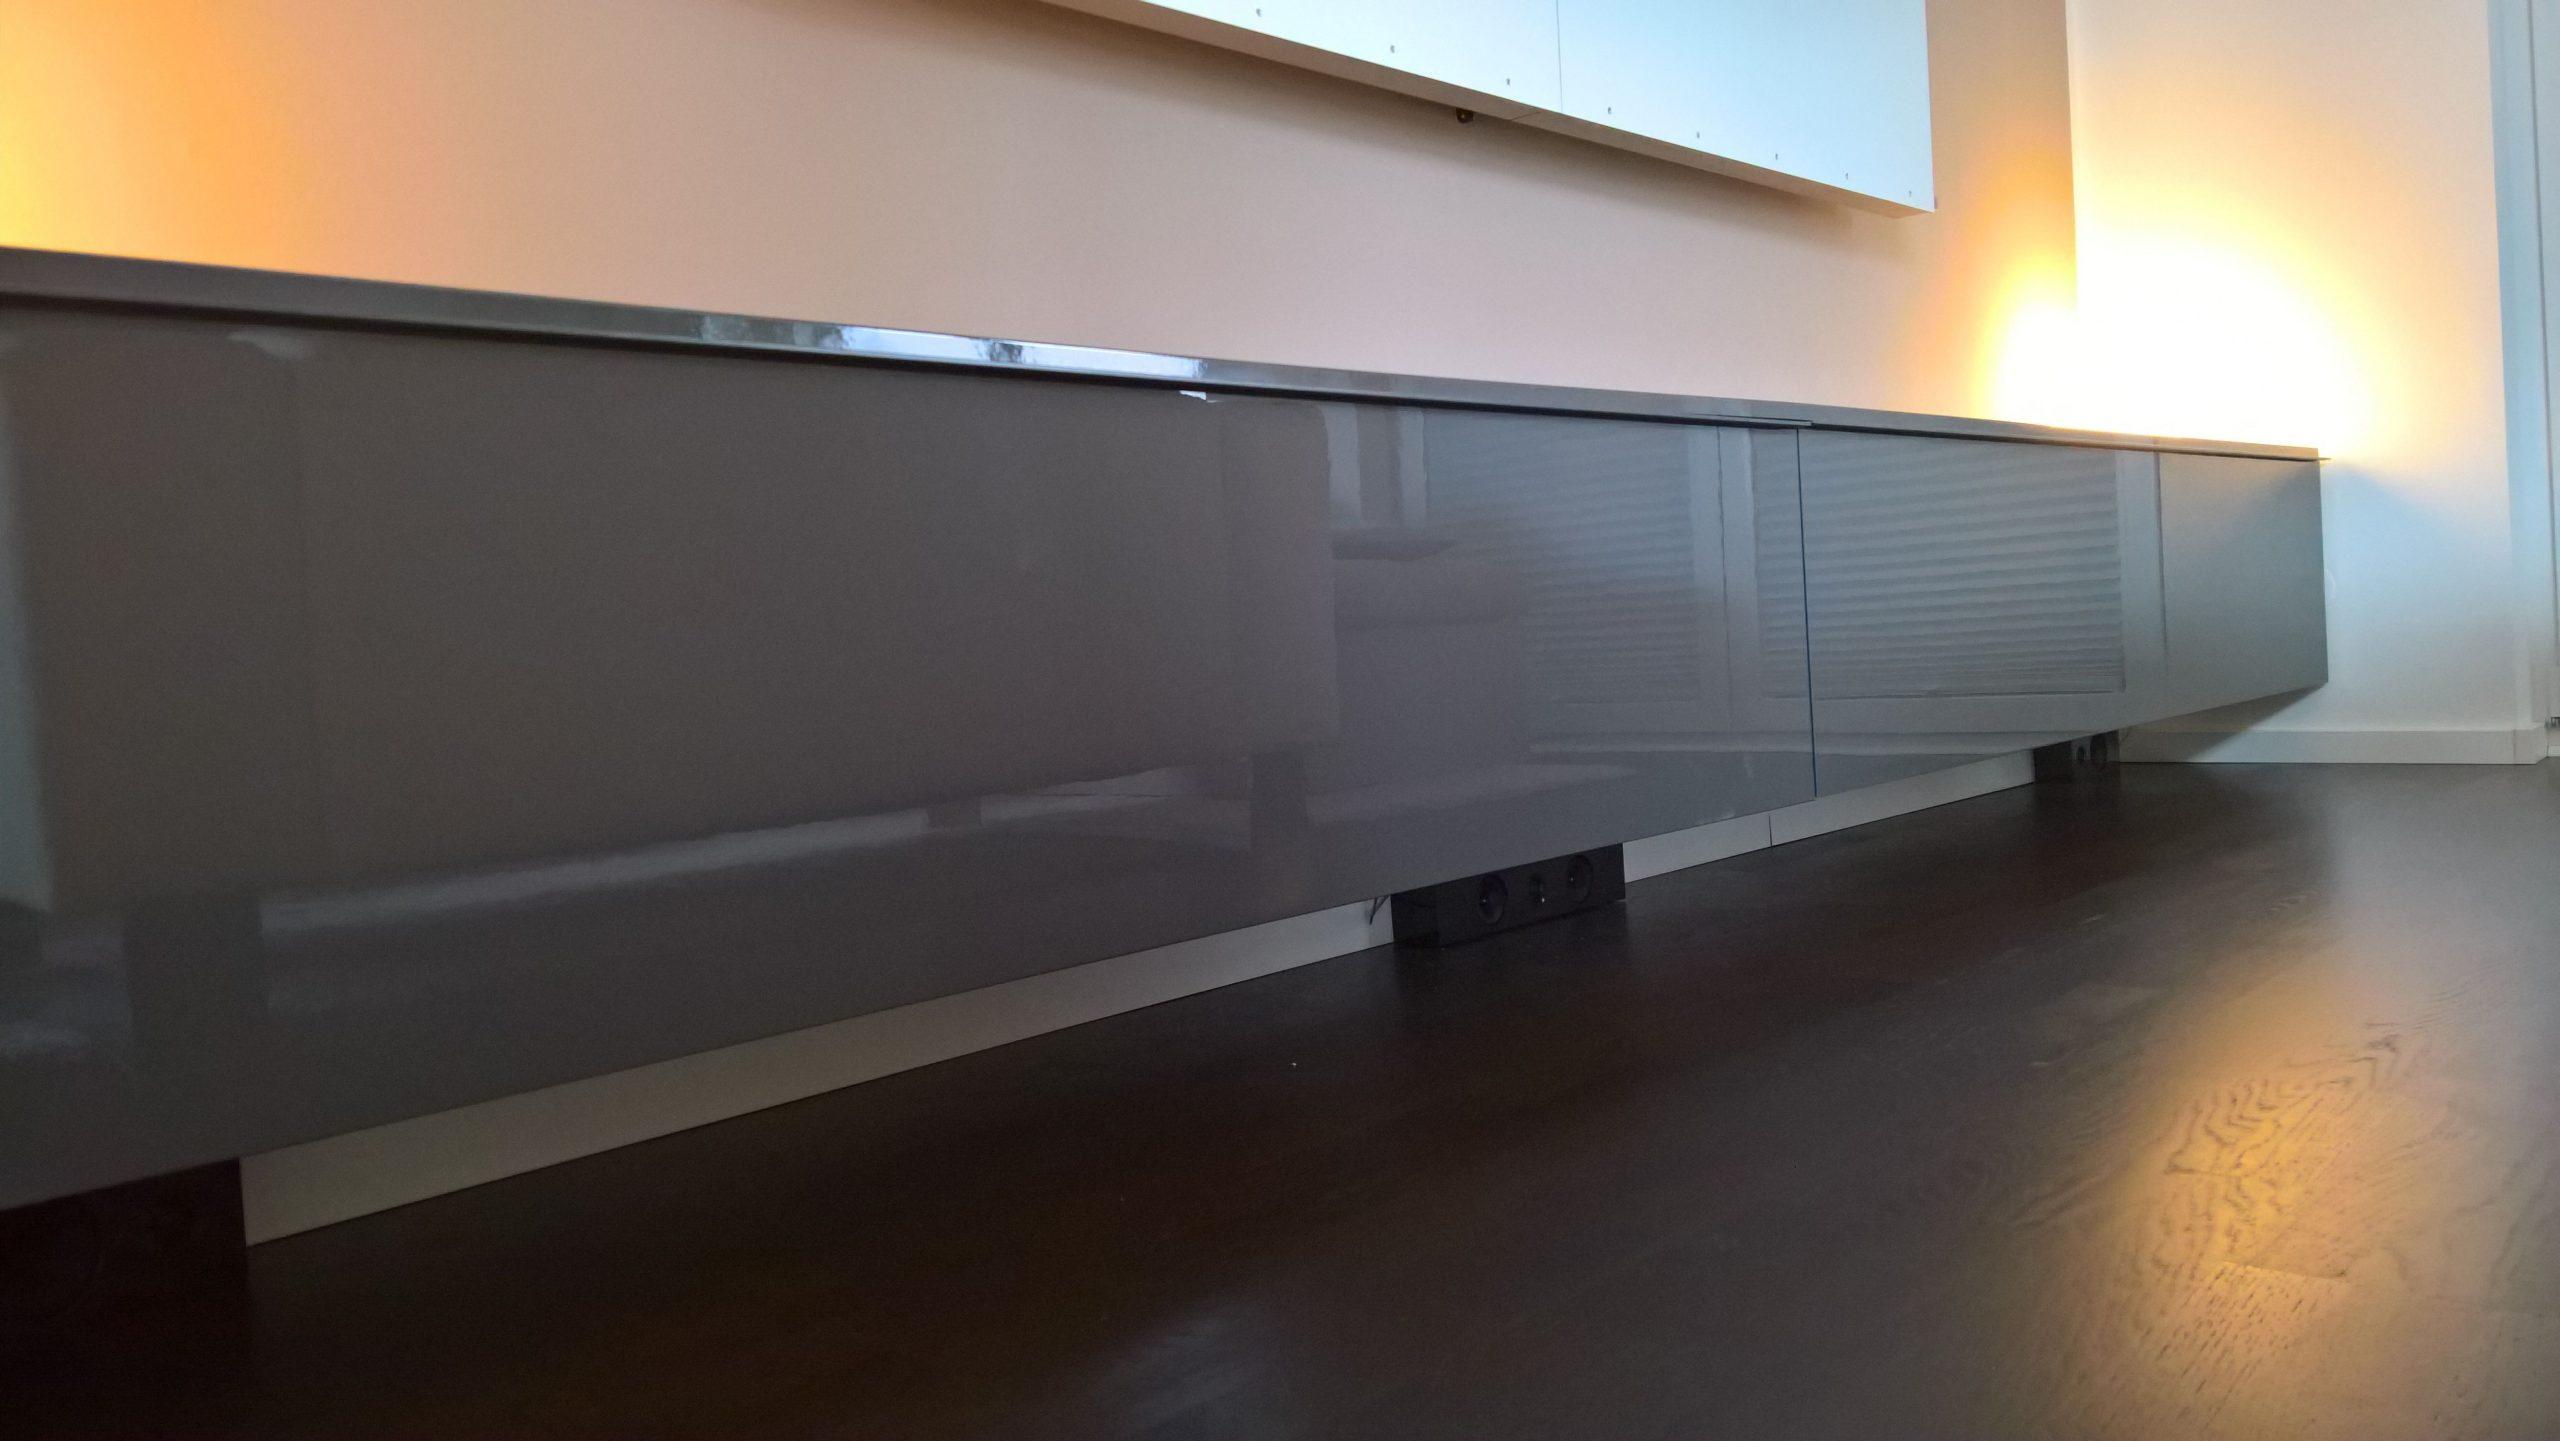 Full Size of Hängeschrank Ikea Modulküche Küche Glastüren Sofa Mit Schlaffunktion Betten 160x200 Bad Bei Weiß Hochglanz Höhe Wohnzimmer Miniküche Kaufen Kosten Wohnzimmer Hängeschrank Ikea